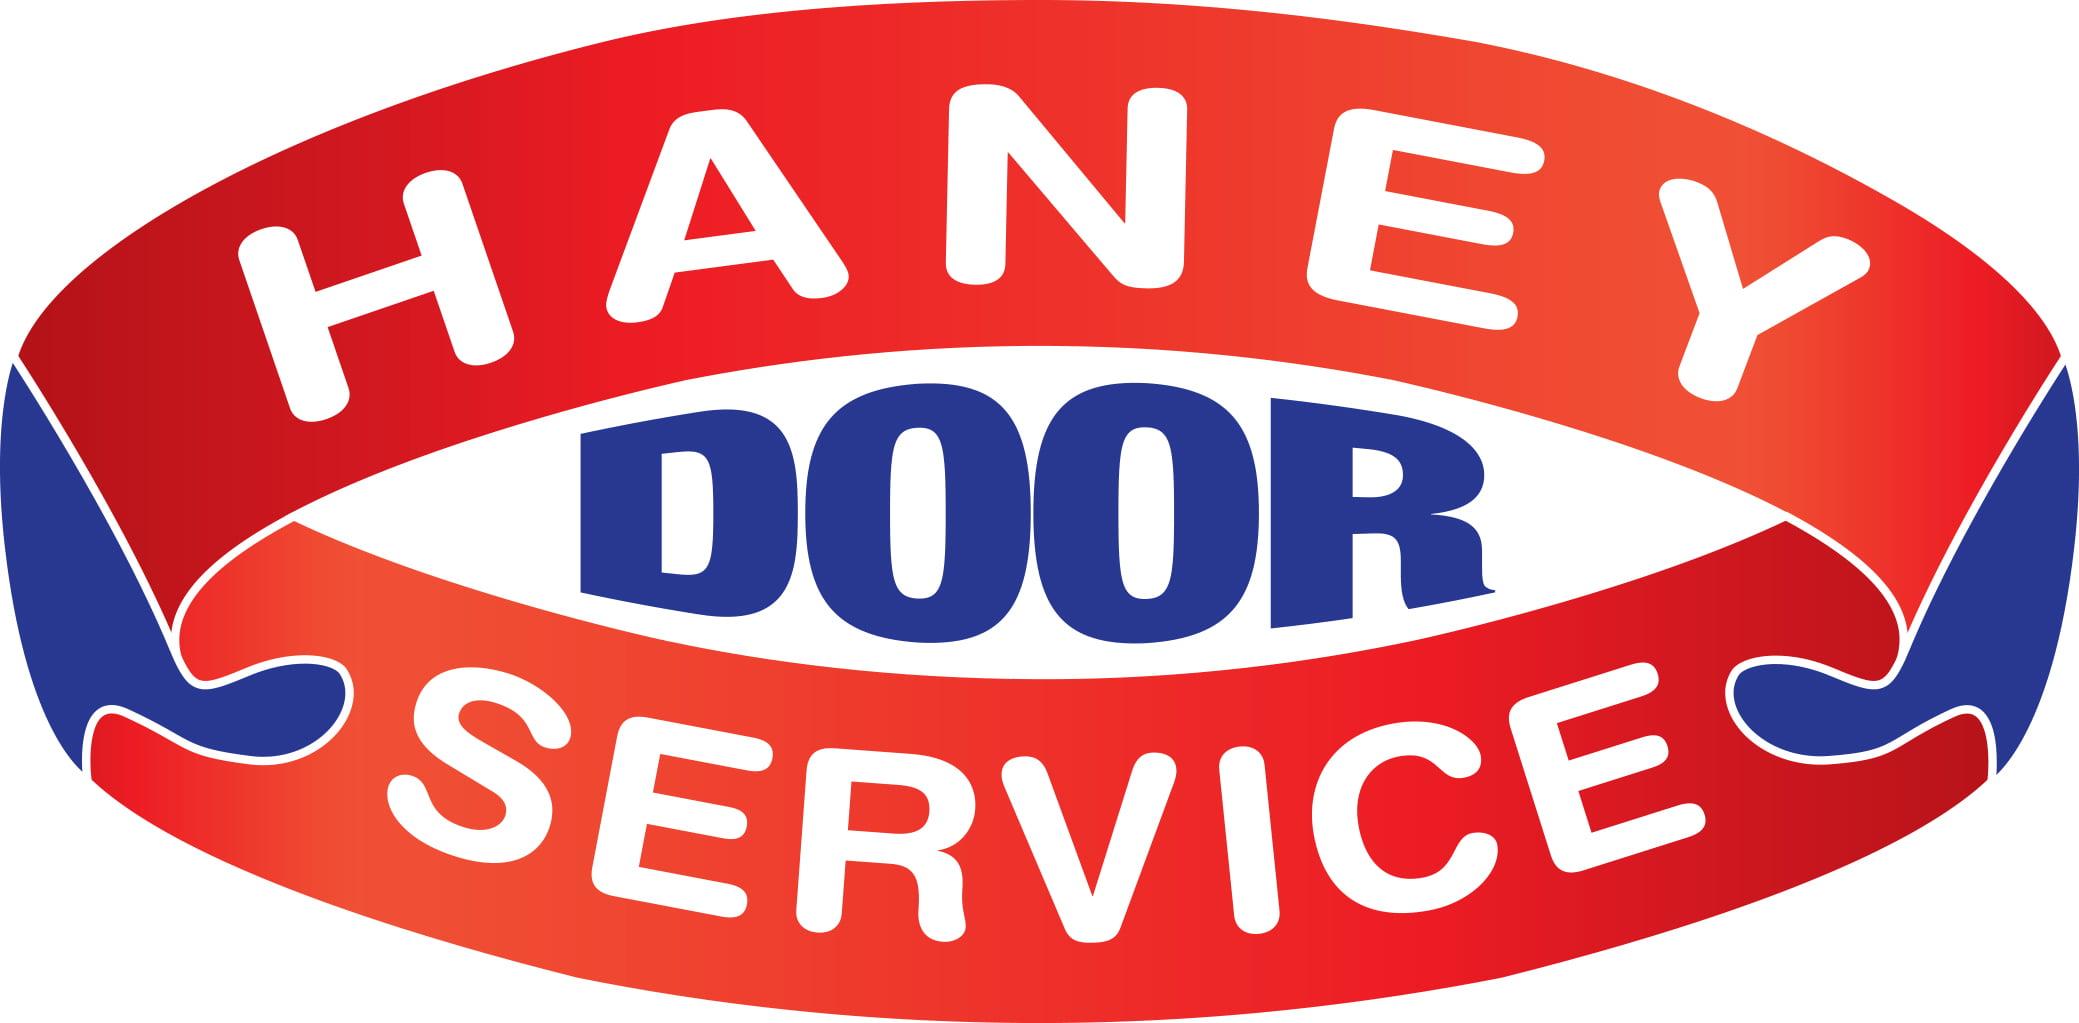 Haney Door Service Offering Quality Backed Garage Door Repair Services in Sacramento